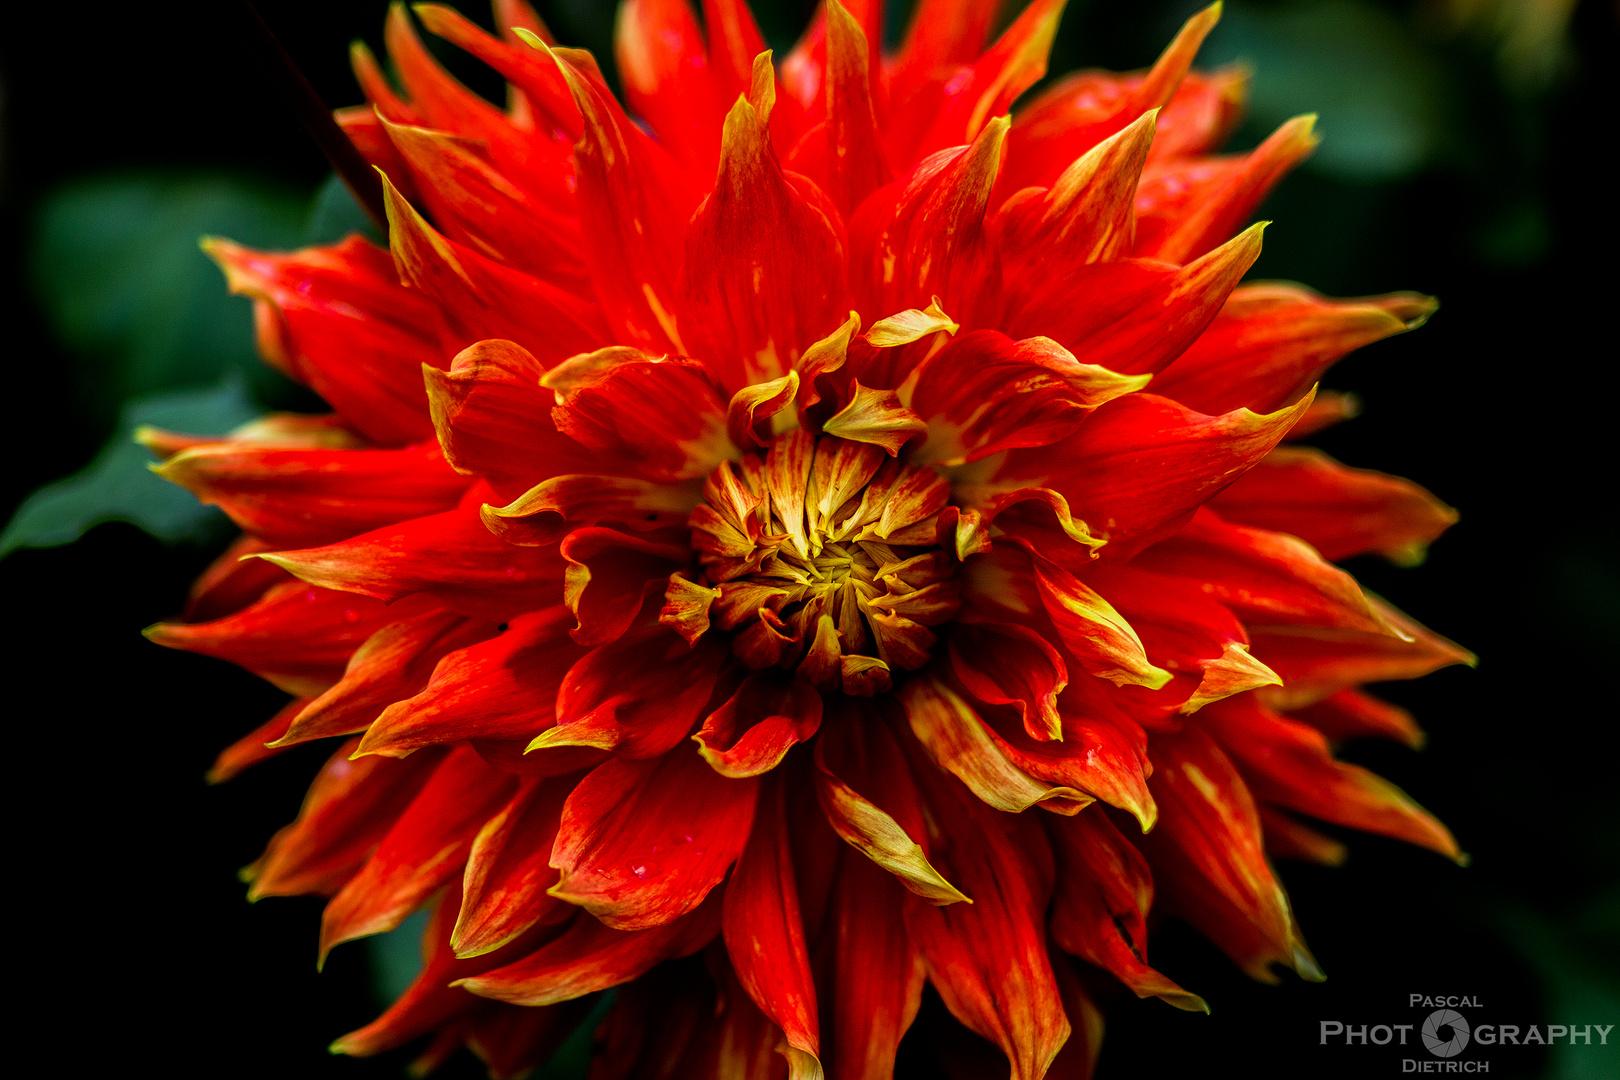 Flowerpower!